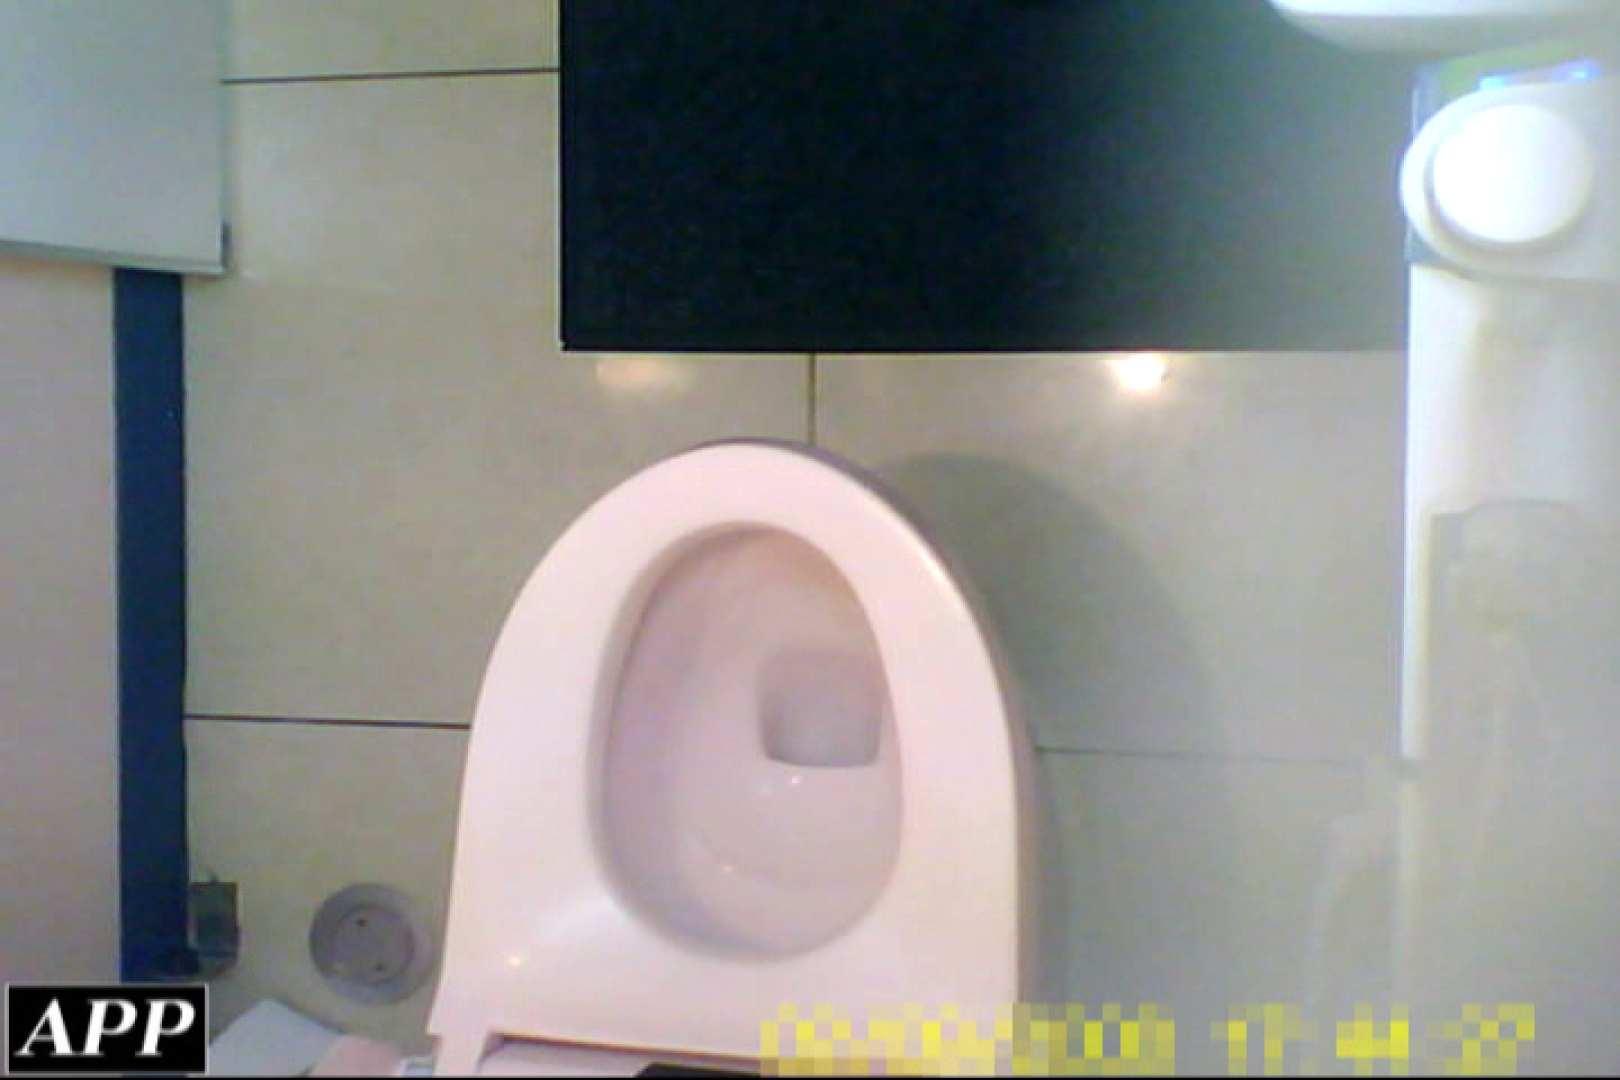 3視点洗面所 vol.09 OLの実態 盗み撮りSEX無修正画像 42pic 8